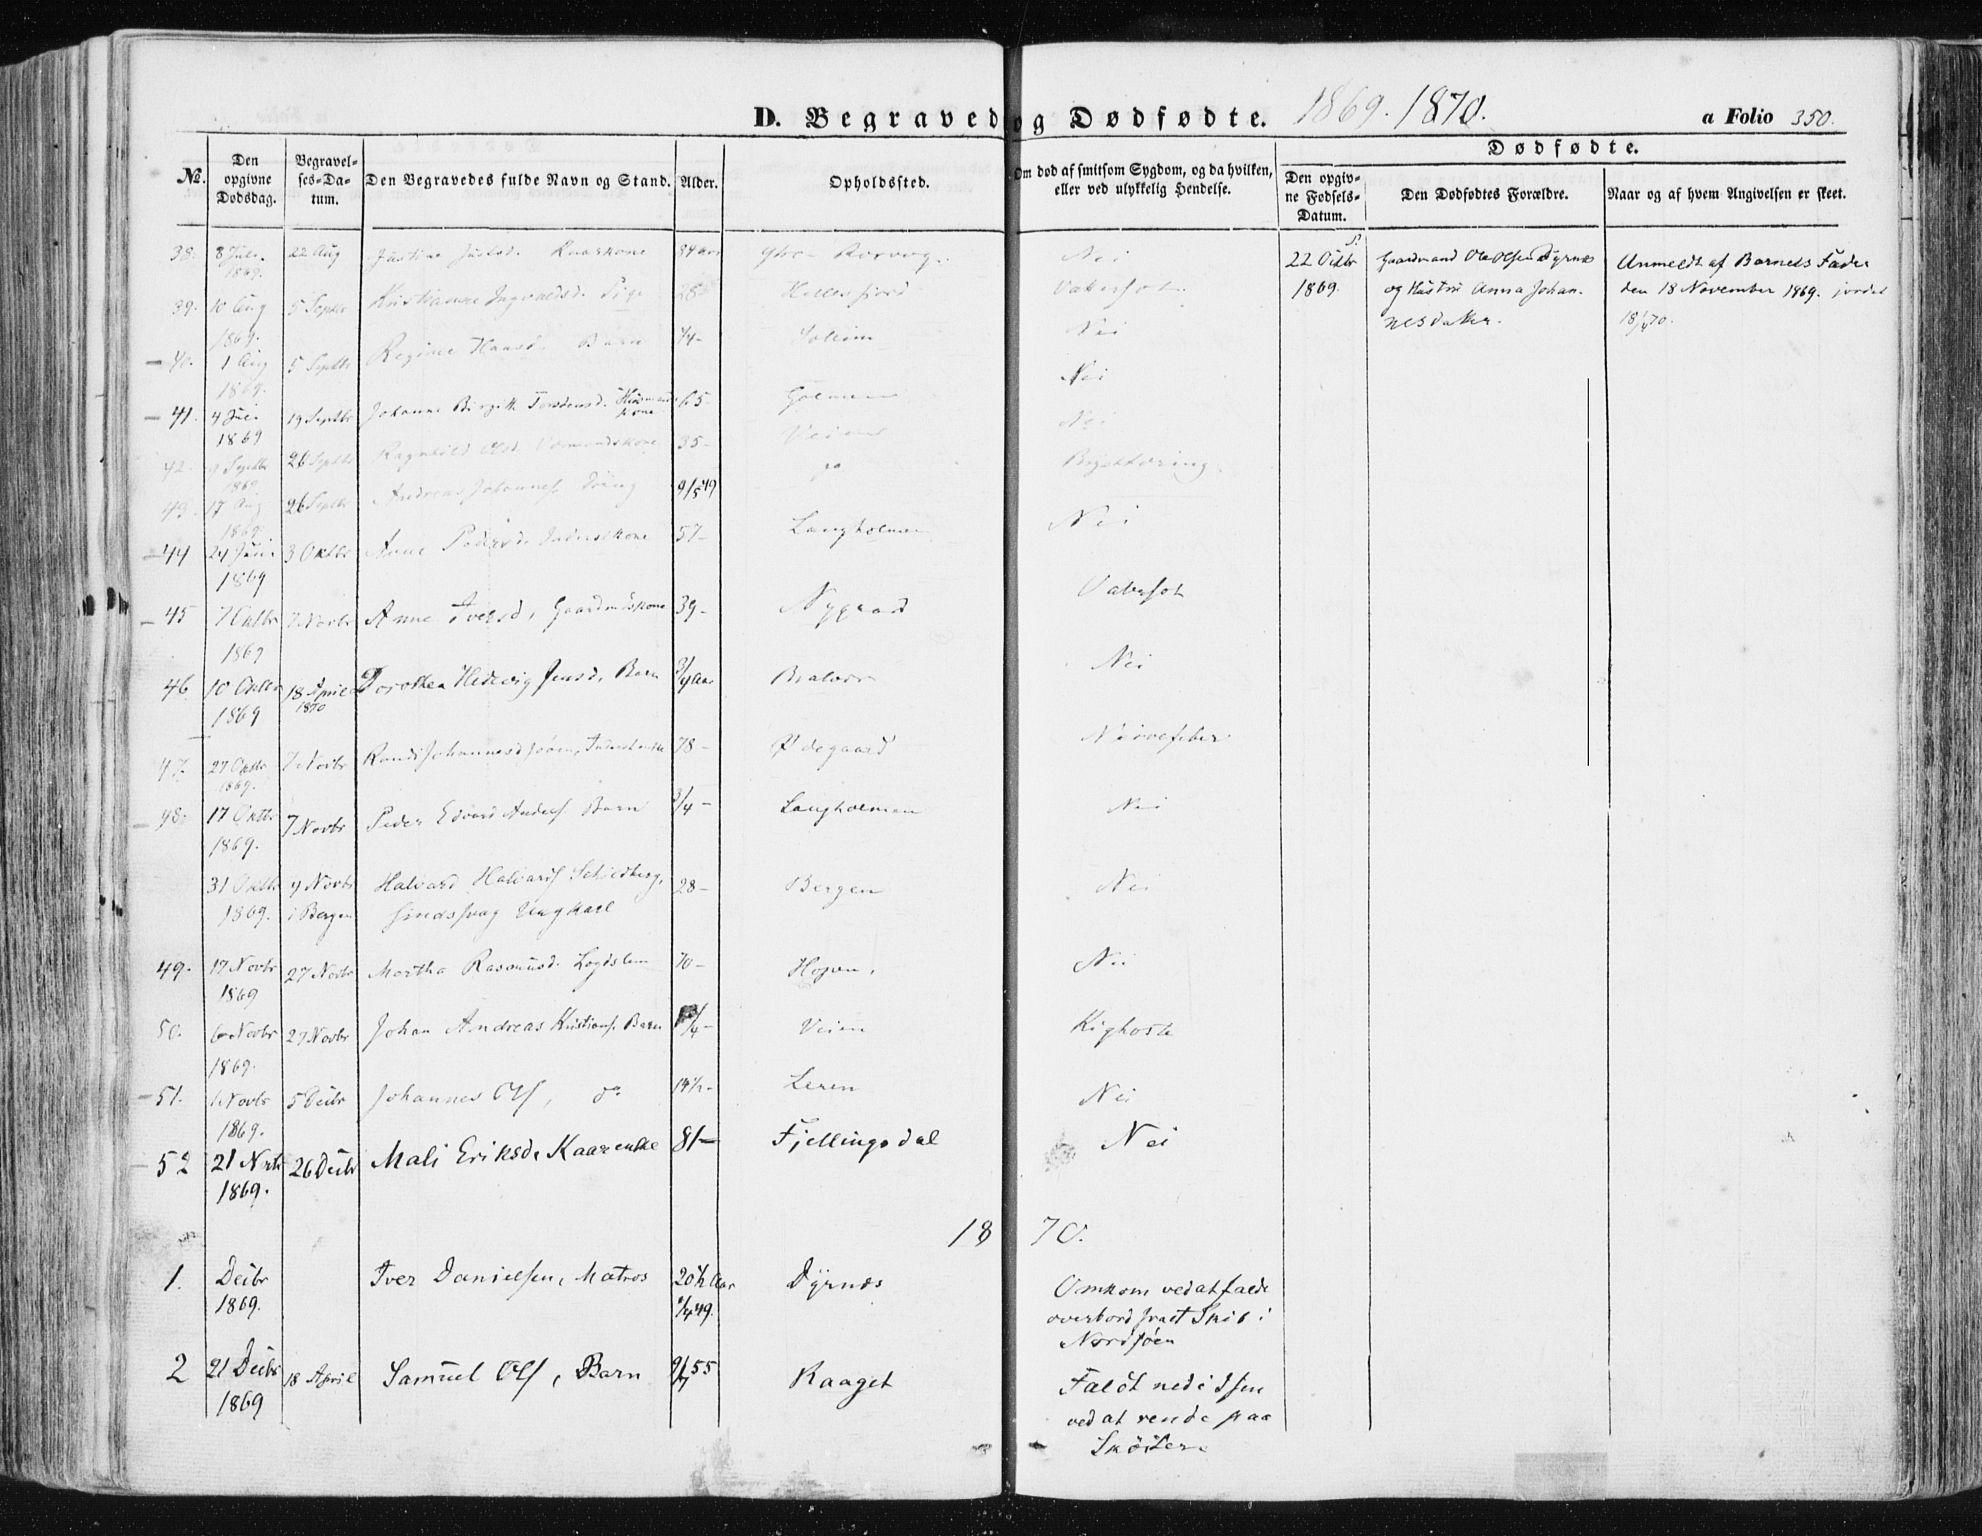 SAT, Ministerialprotokoller, klokkerbøker og fødselsregistre - Møre og Romsdal, 581/L0937: Ministerialbok nr. 581A05, 1853-1872, s. 350